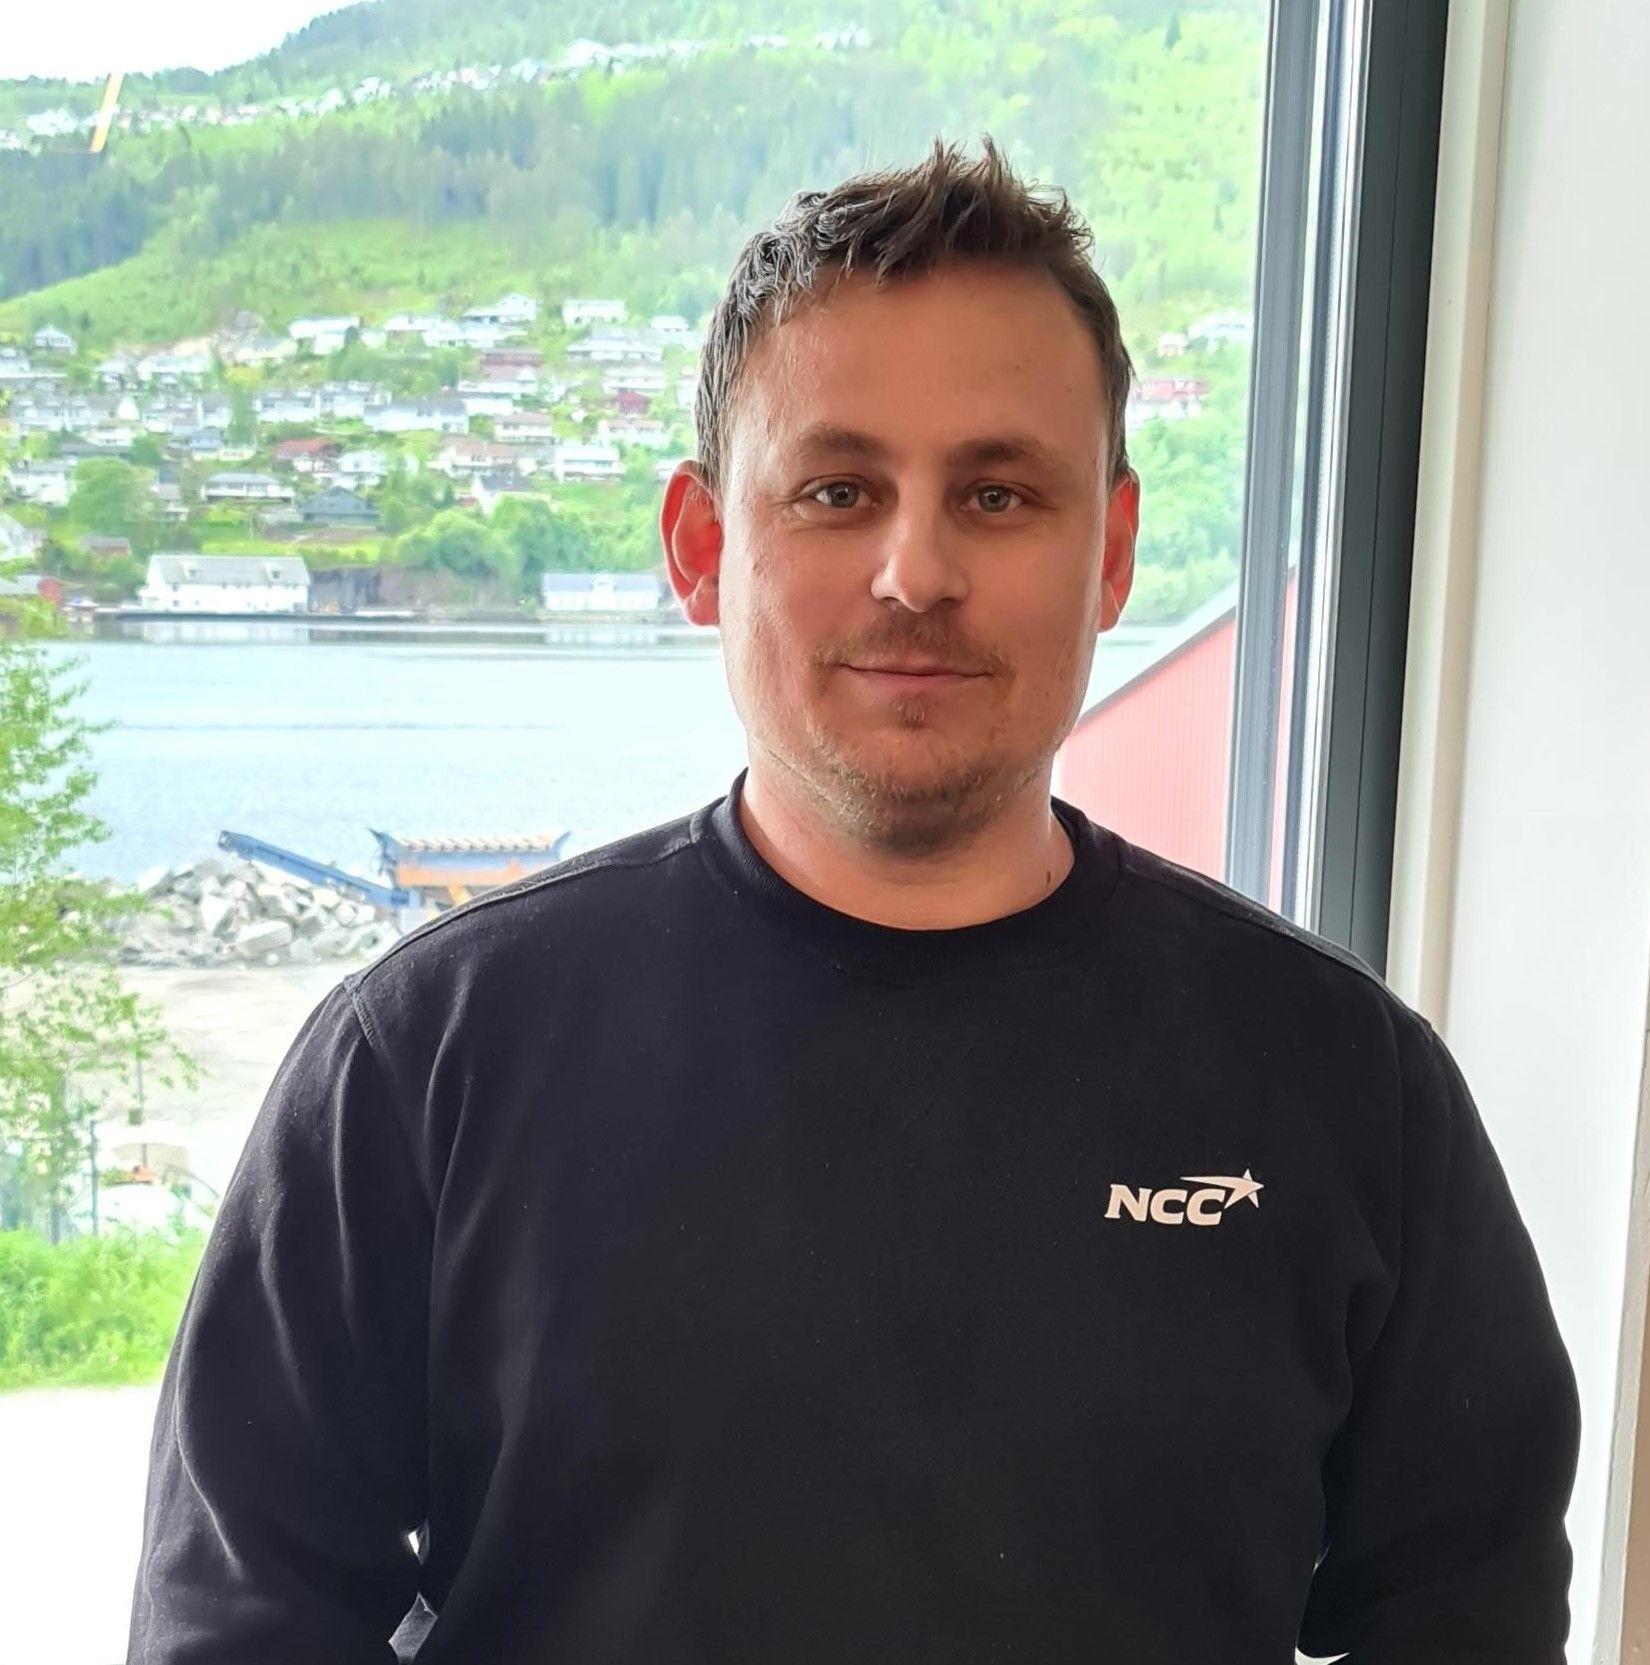 Distriktssjef Lasse Tefre. Foto: NCC